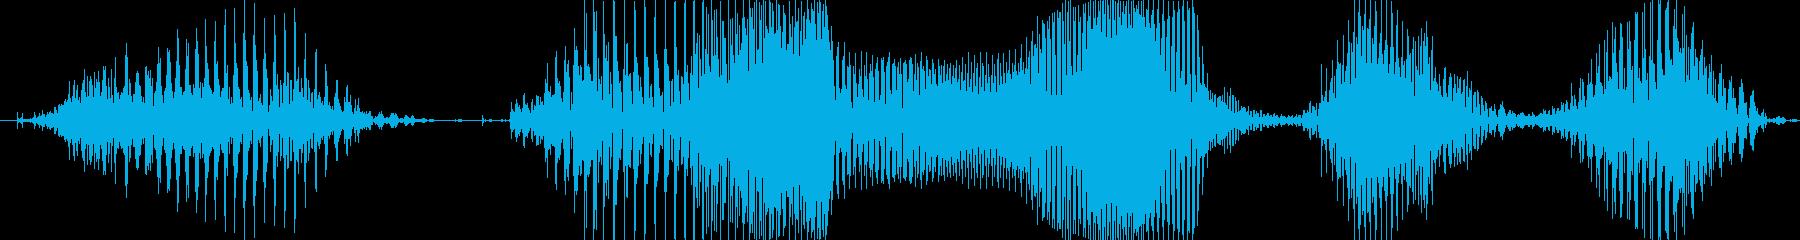 次回予告!の再生済みの波形